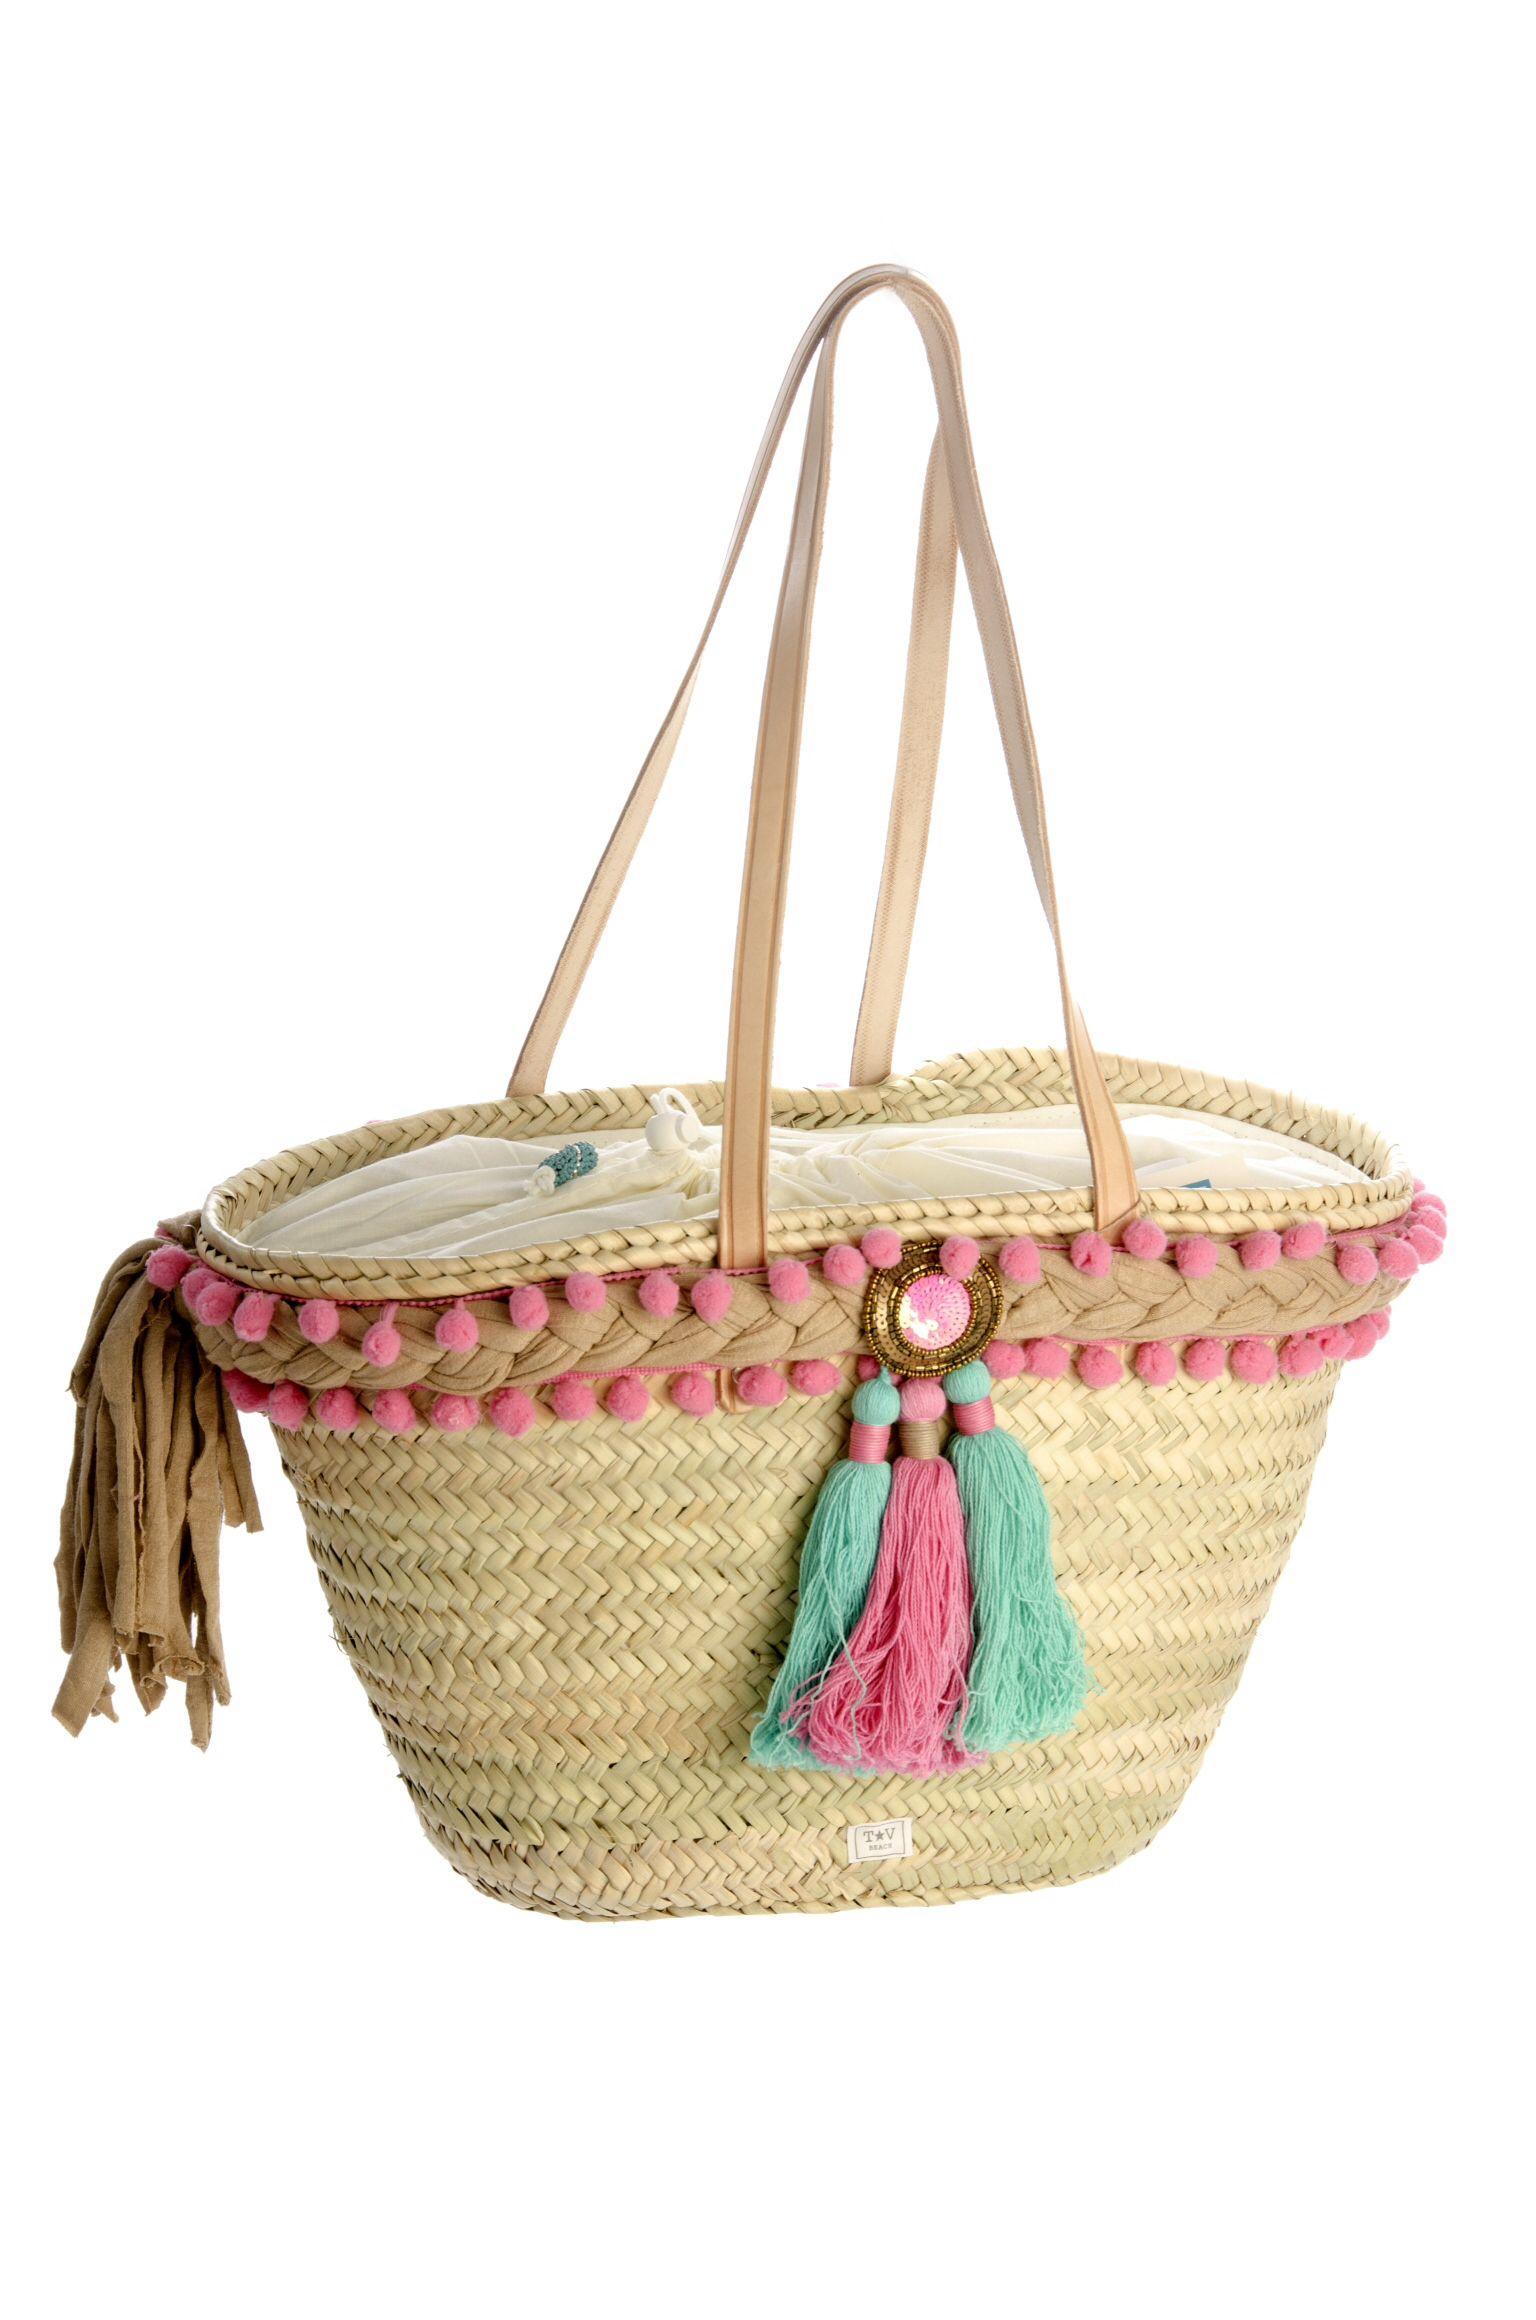 Capazo de mimbre cestas pinterest mimbre bolsos y - Capazos de mimbre decorados ...